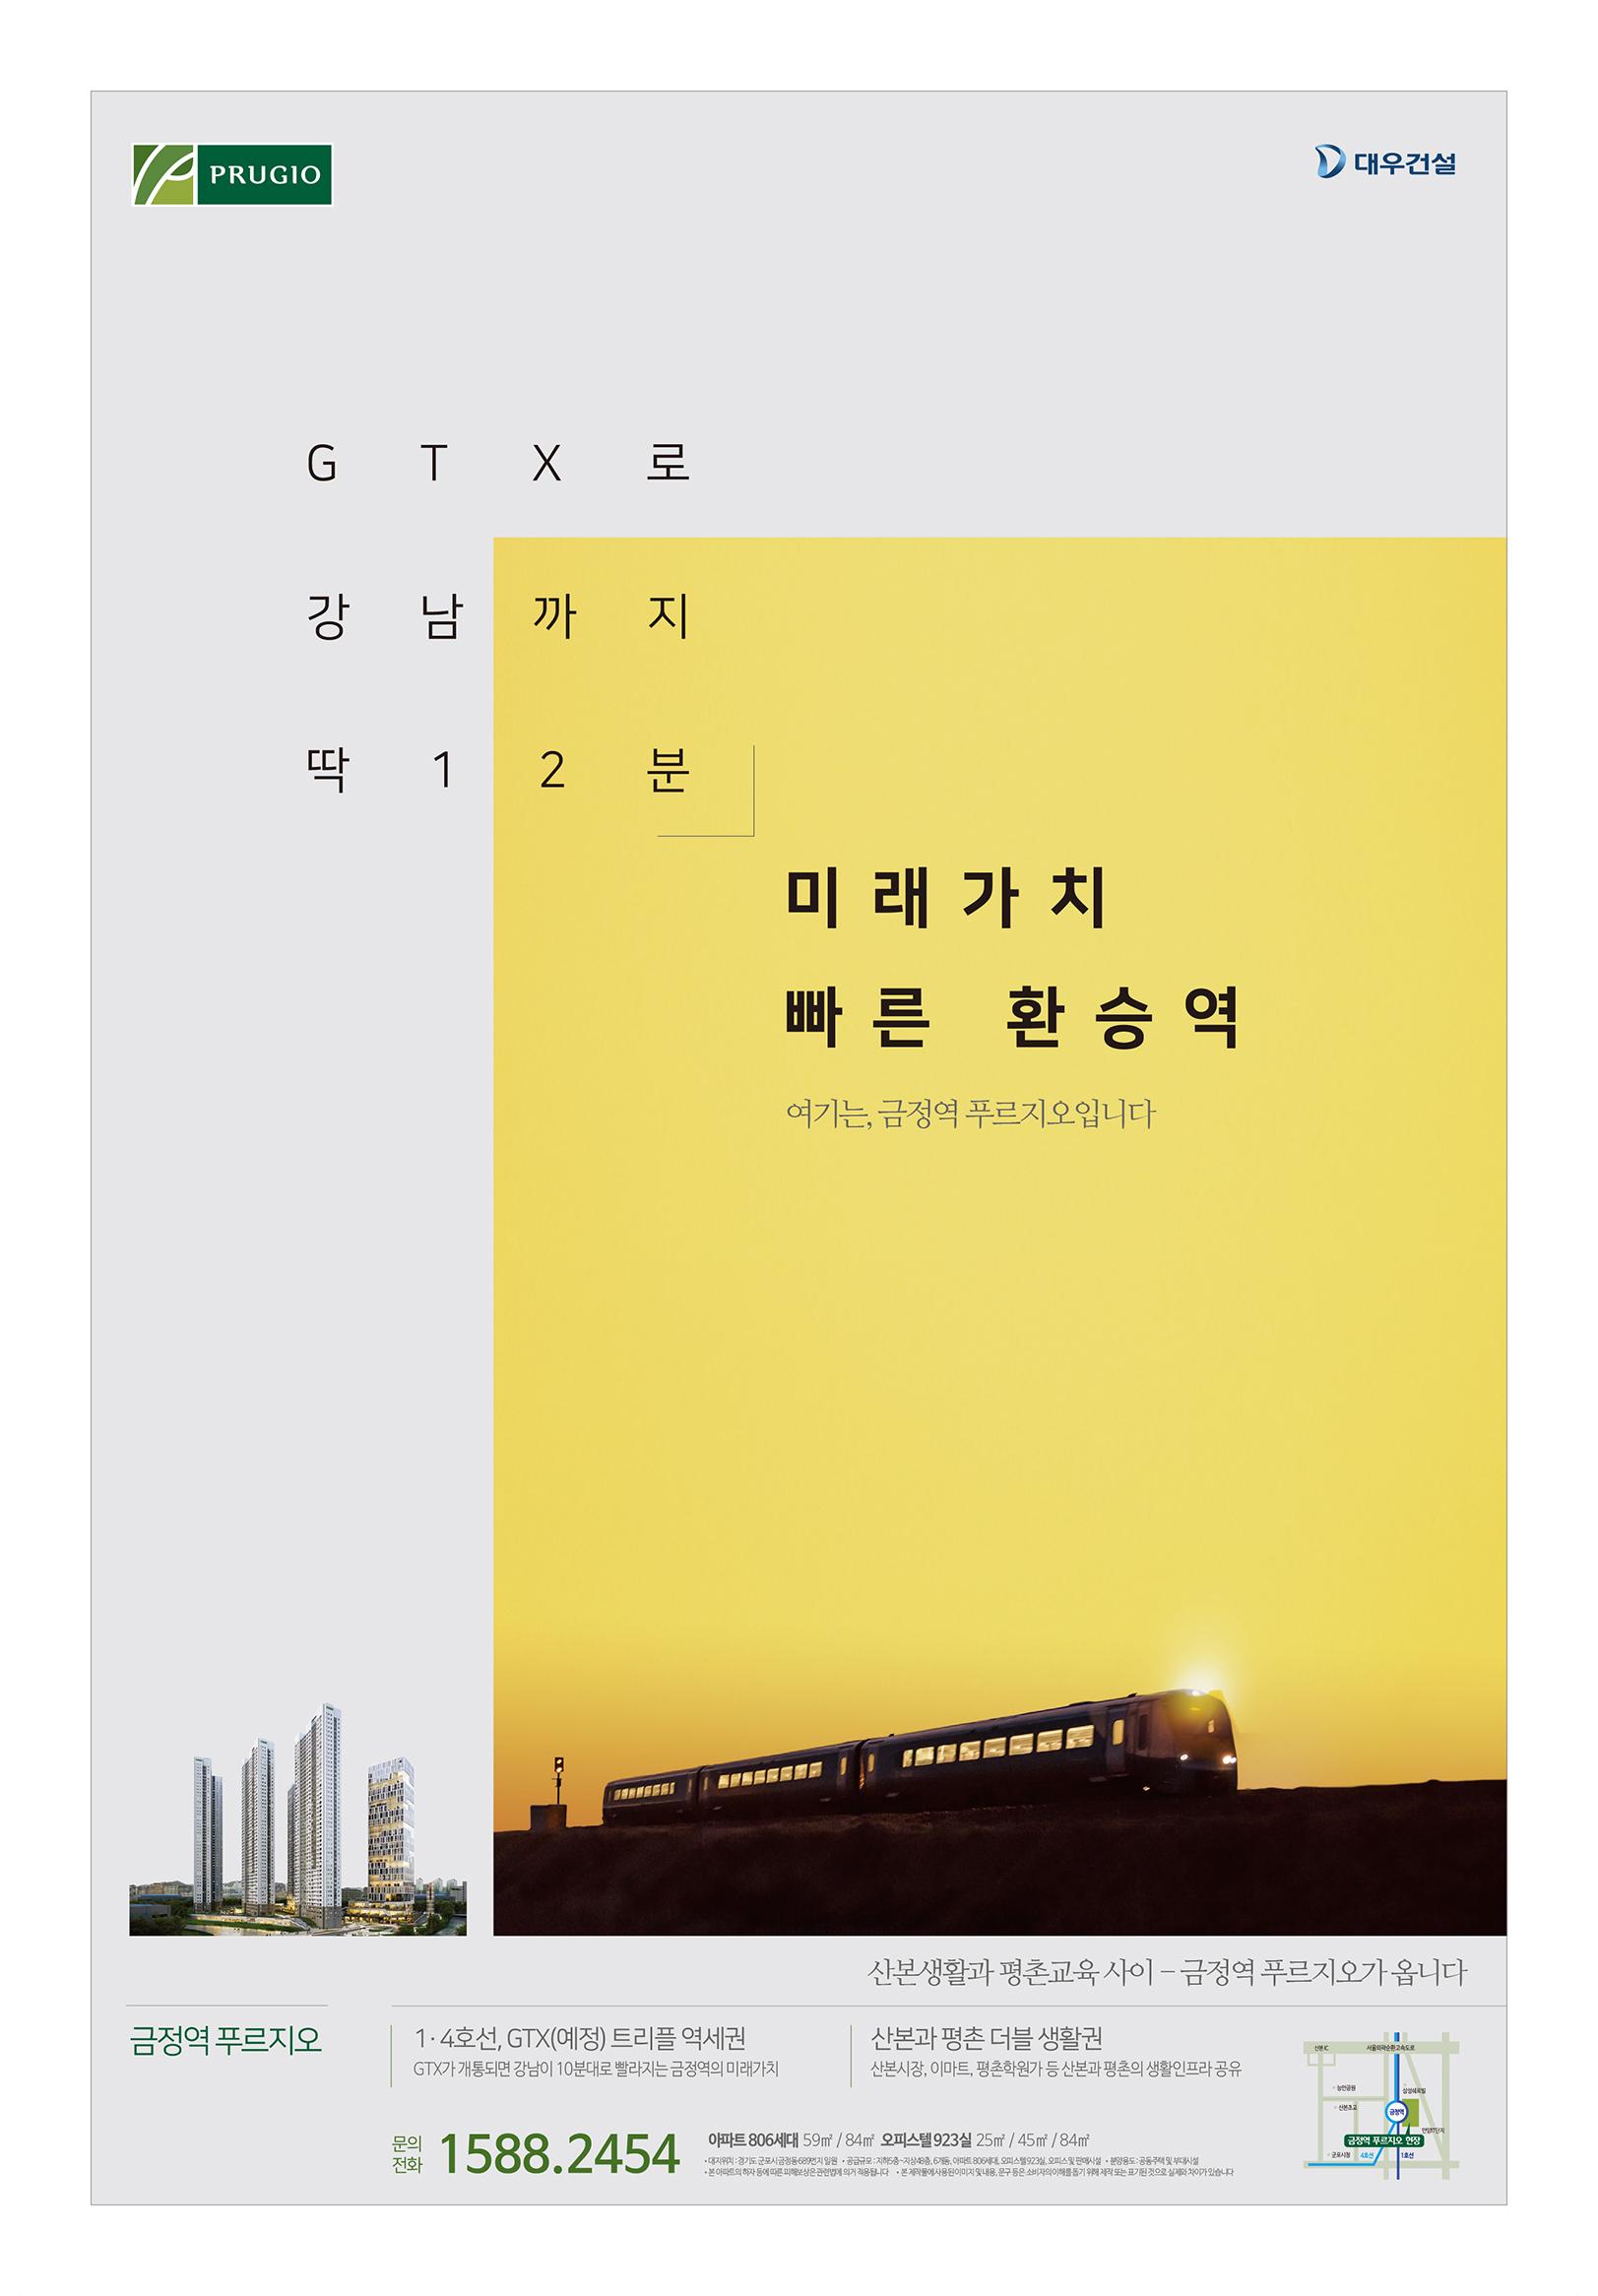 금정역푸르지오PT-신문9단-2